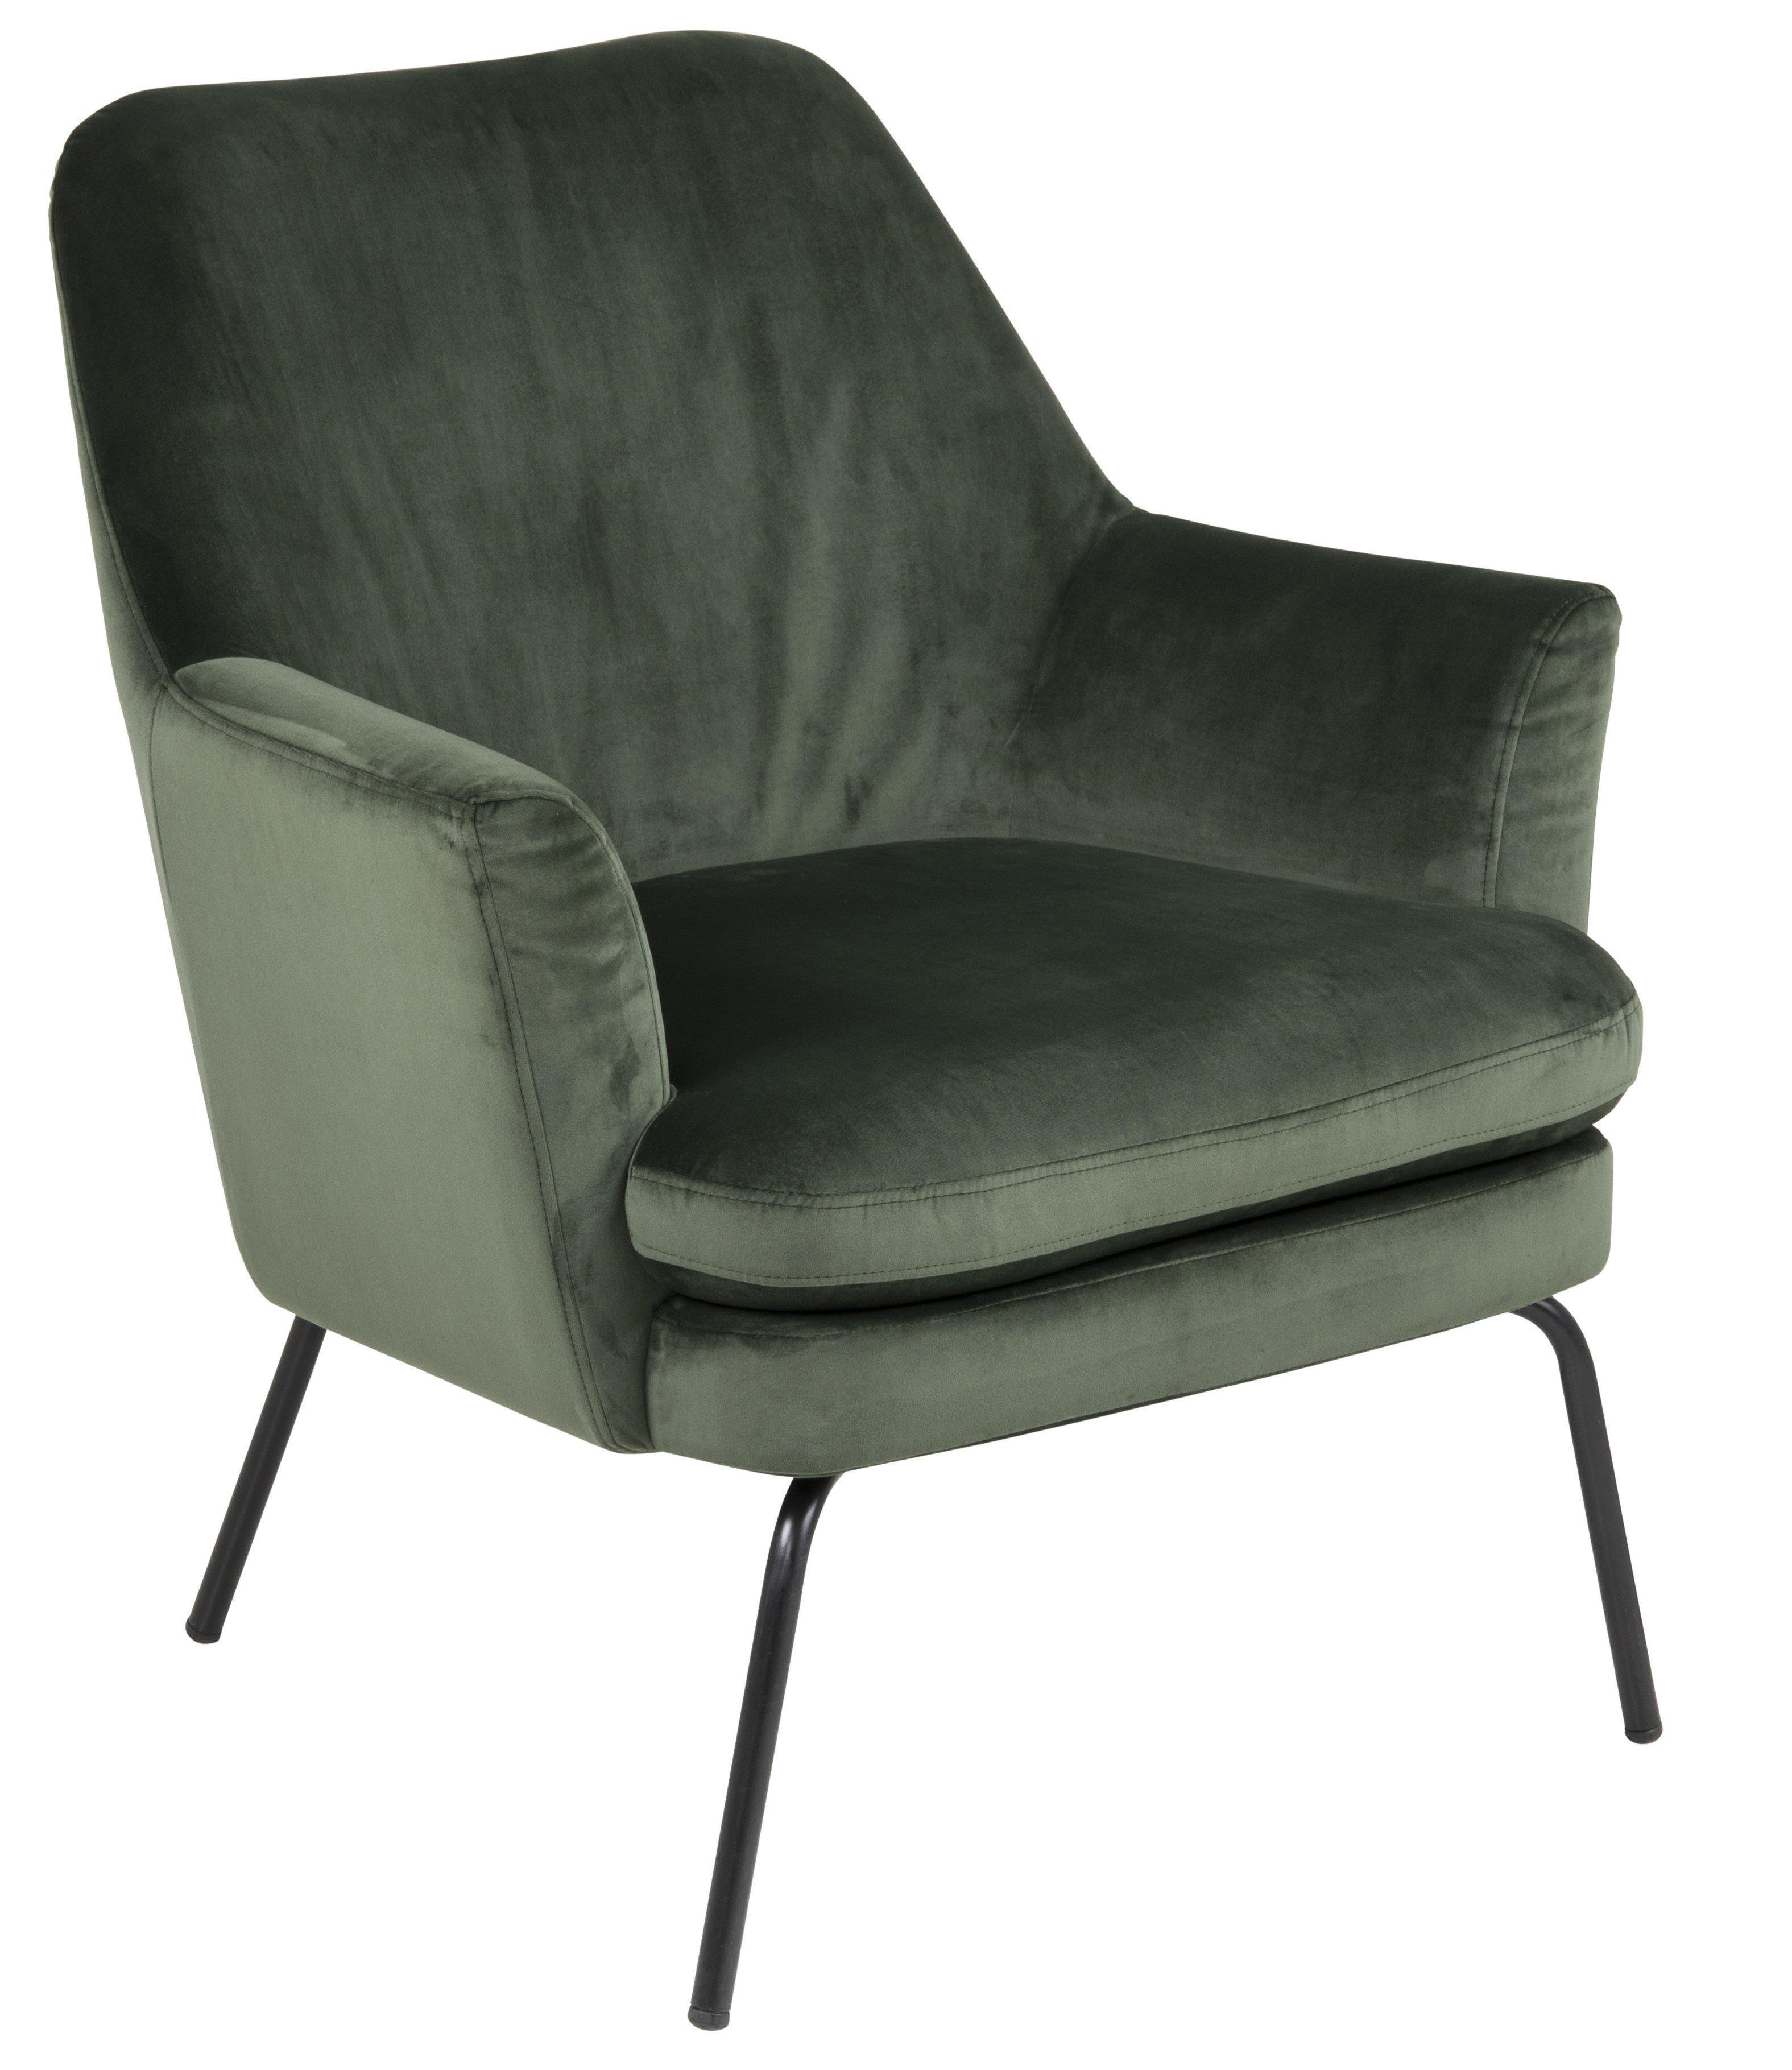 Fotelis Chisa Vic, žalias/juodas